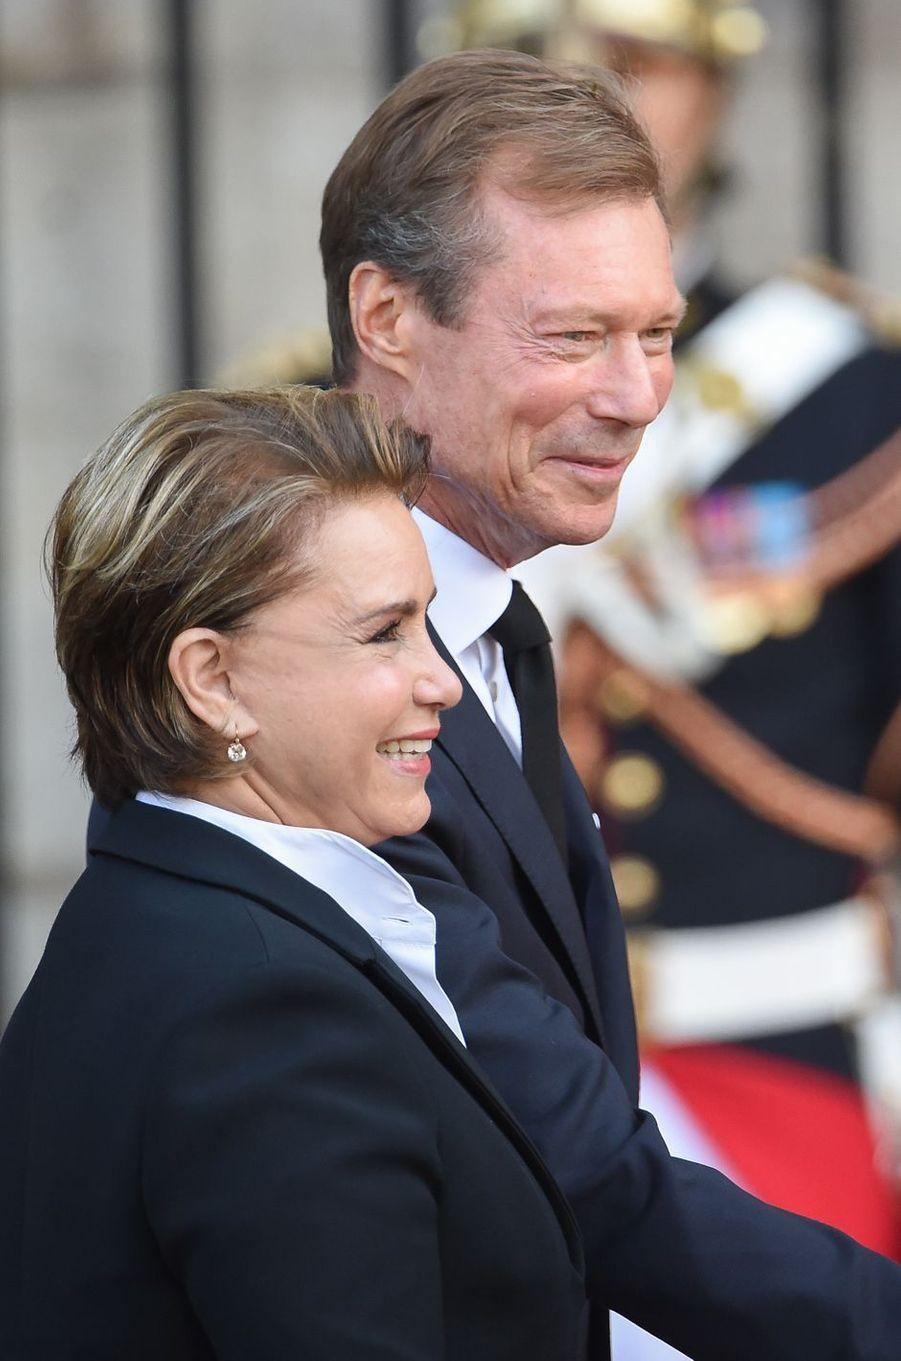 Le grand-duc Henri et la grande-duchesse Maria Teresa de Luxembourg aux obsèques de Jacques Chirac à Paris, le 30 septembre 2019